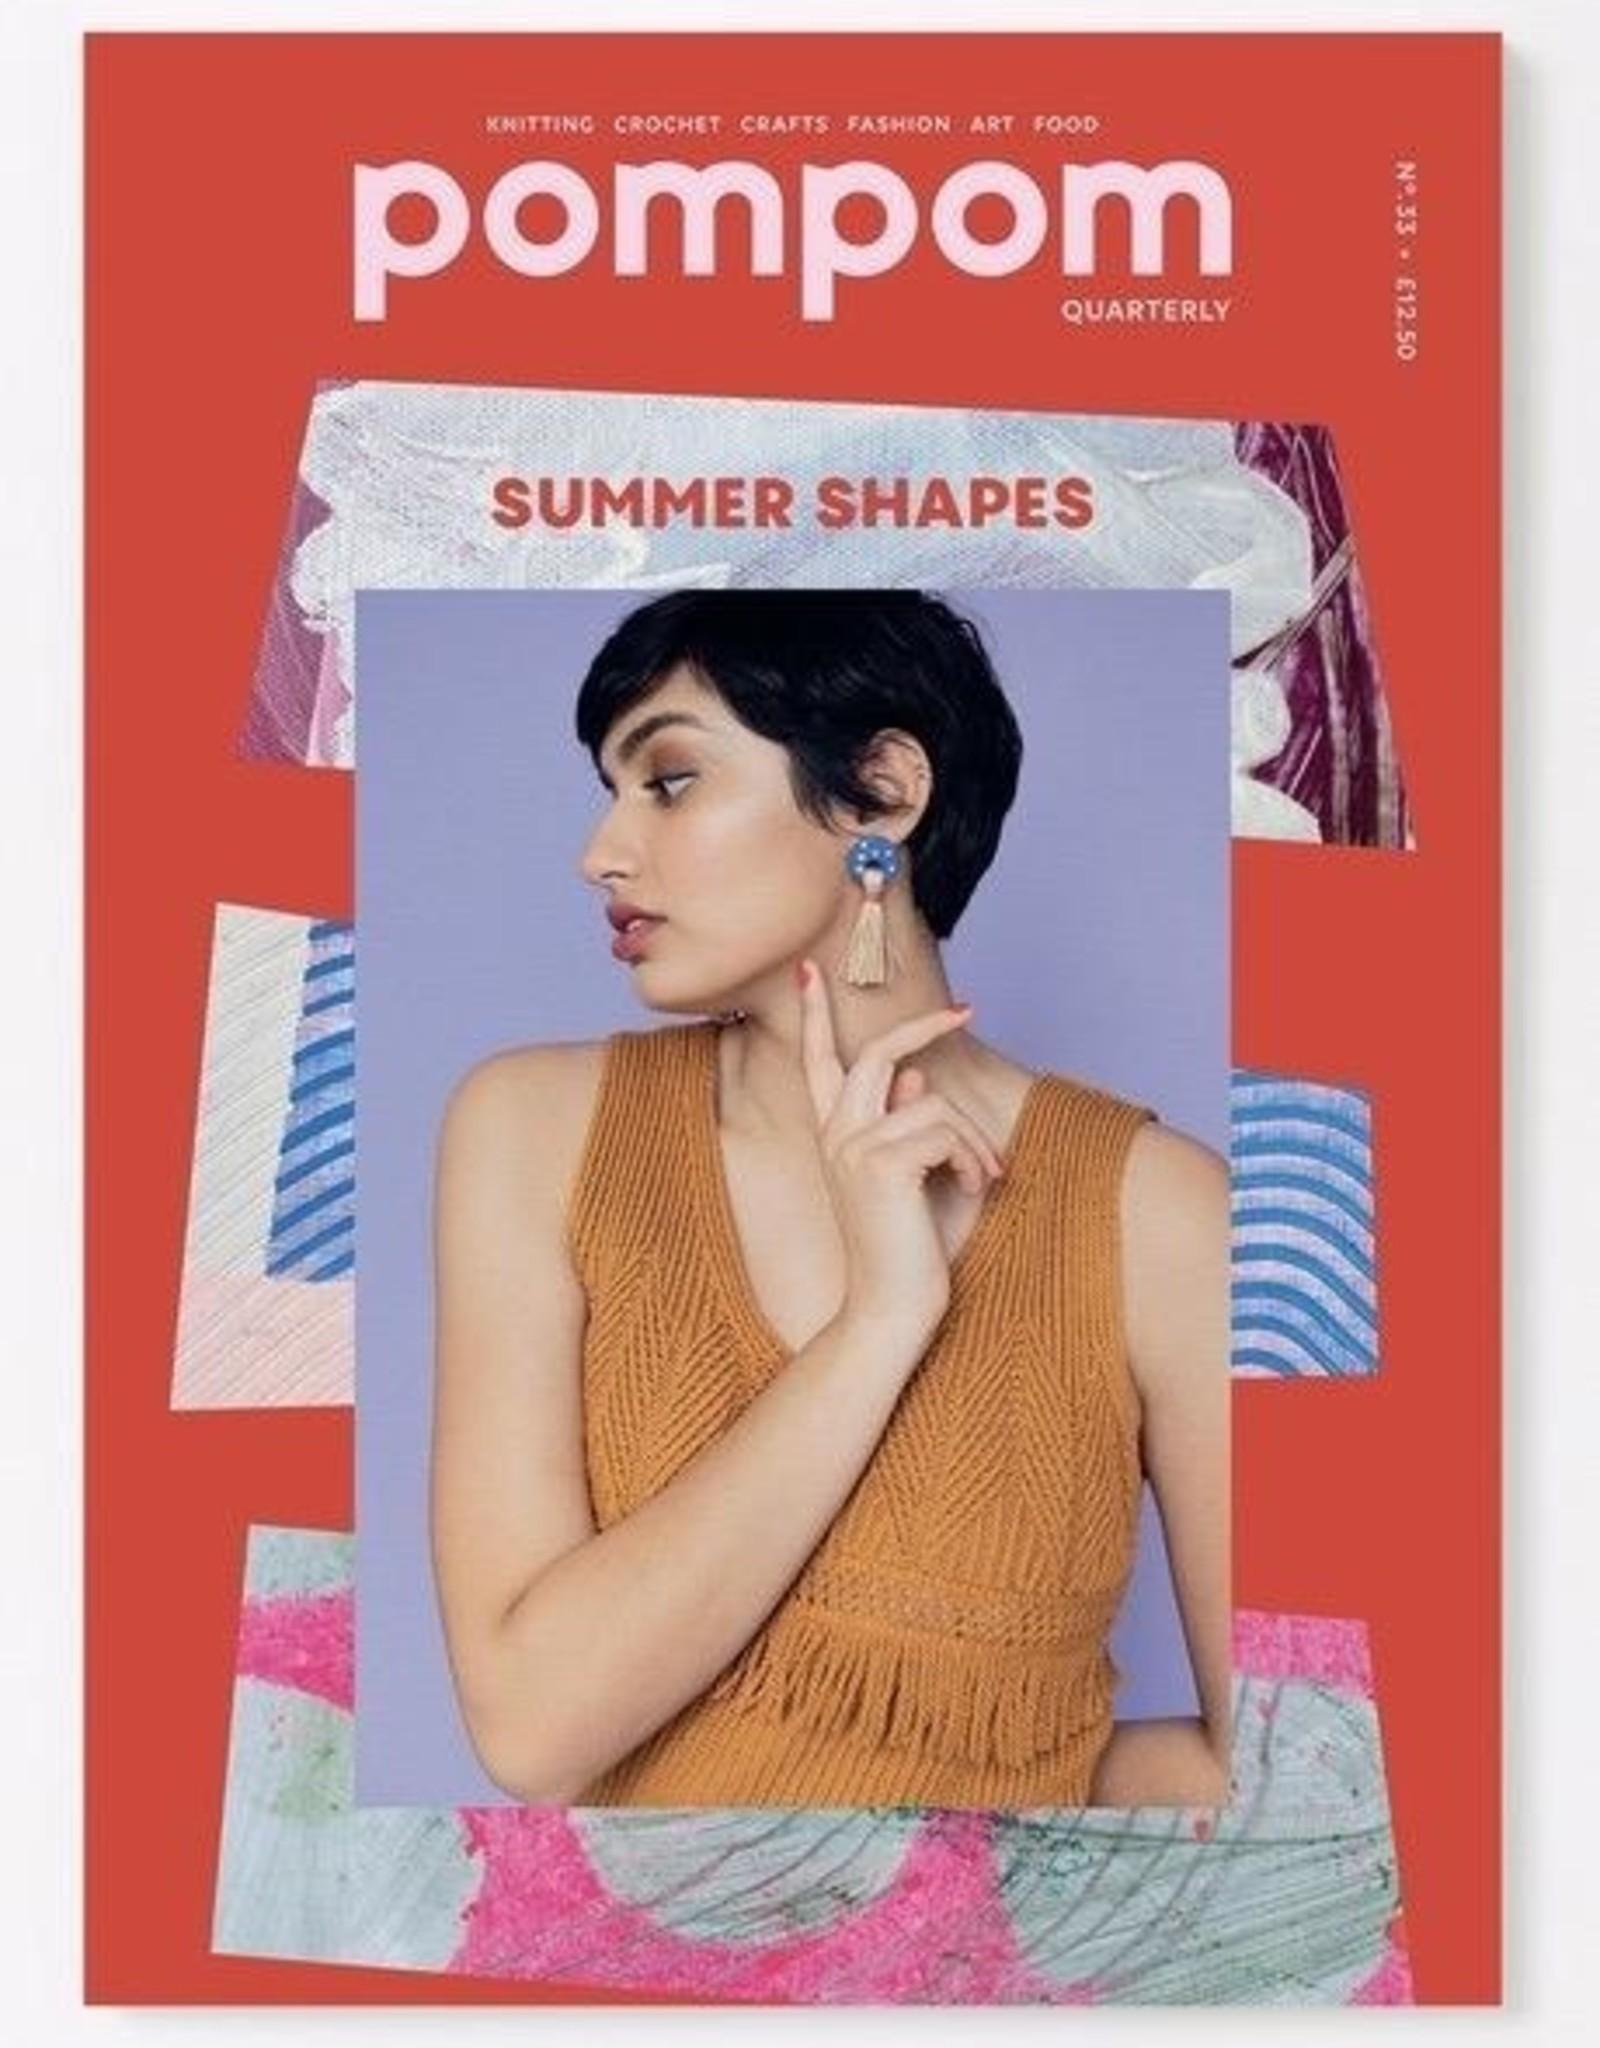 Pom Pom Pom Pom 33 Quarterly Magazine